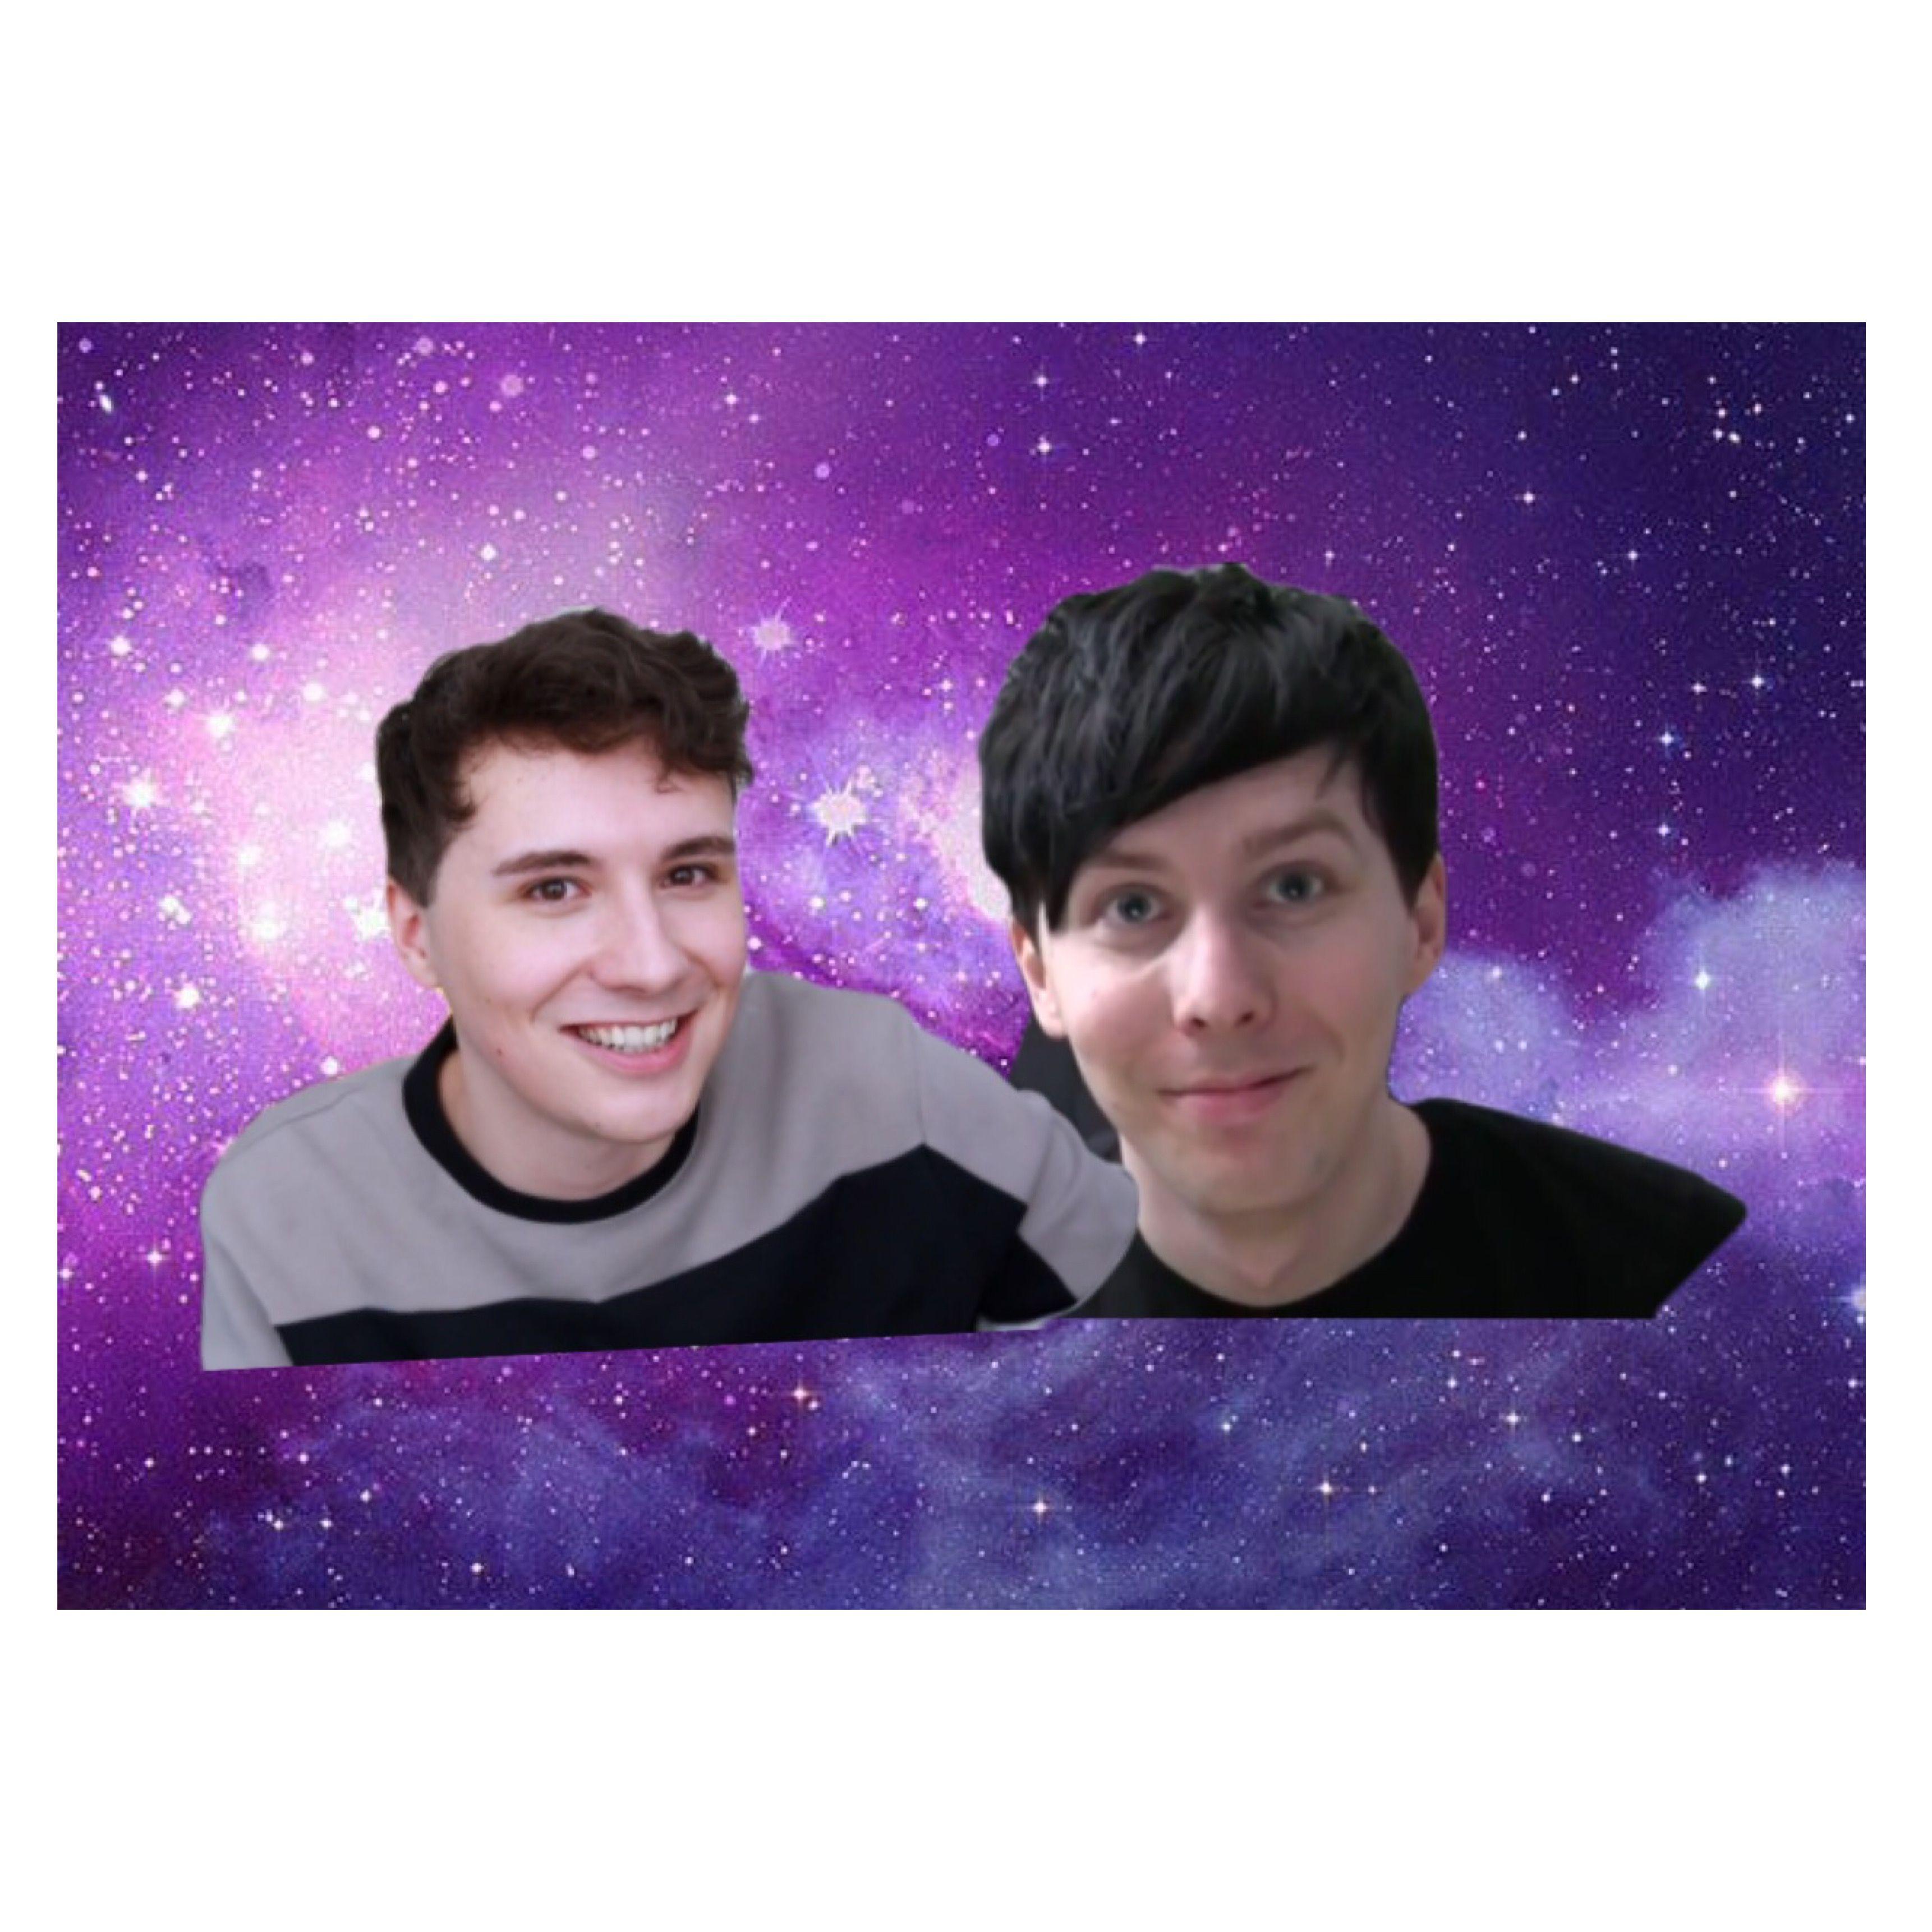 Desktop Galaxy Dan Phil Wallpaper Dan And Phil Wallpaper Dan